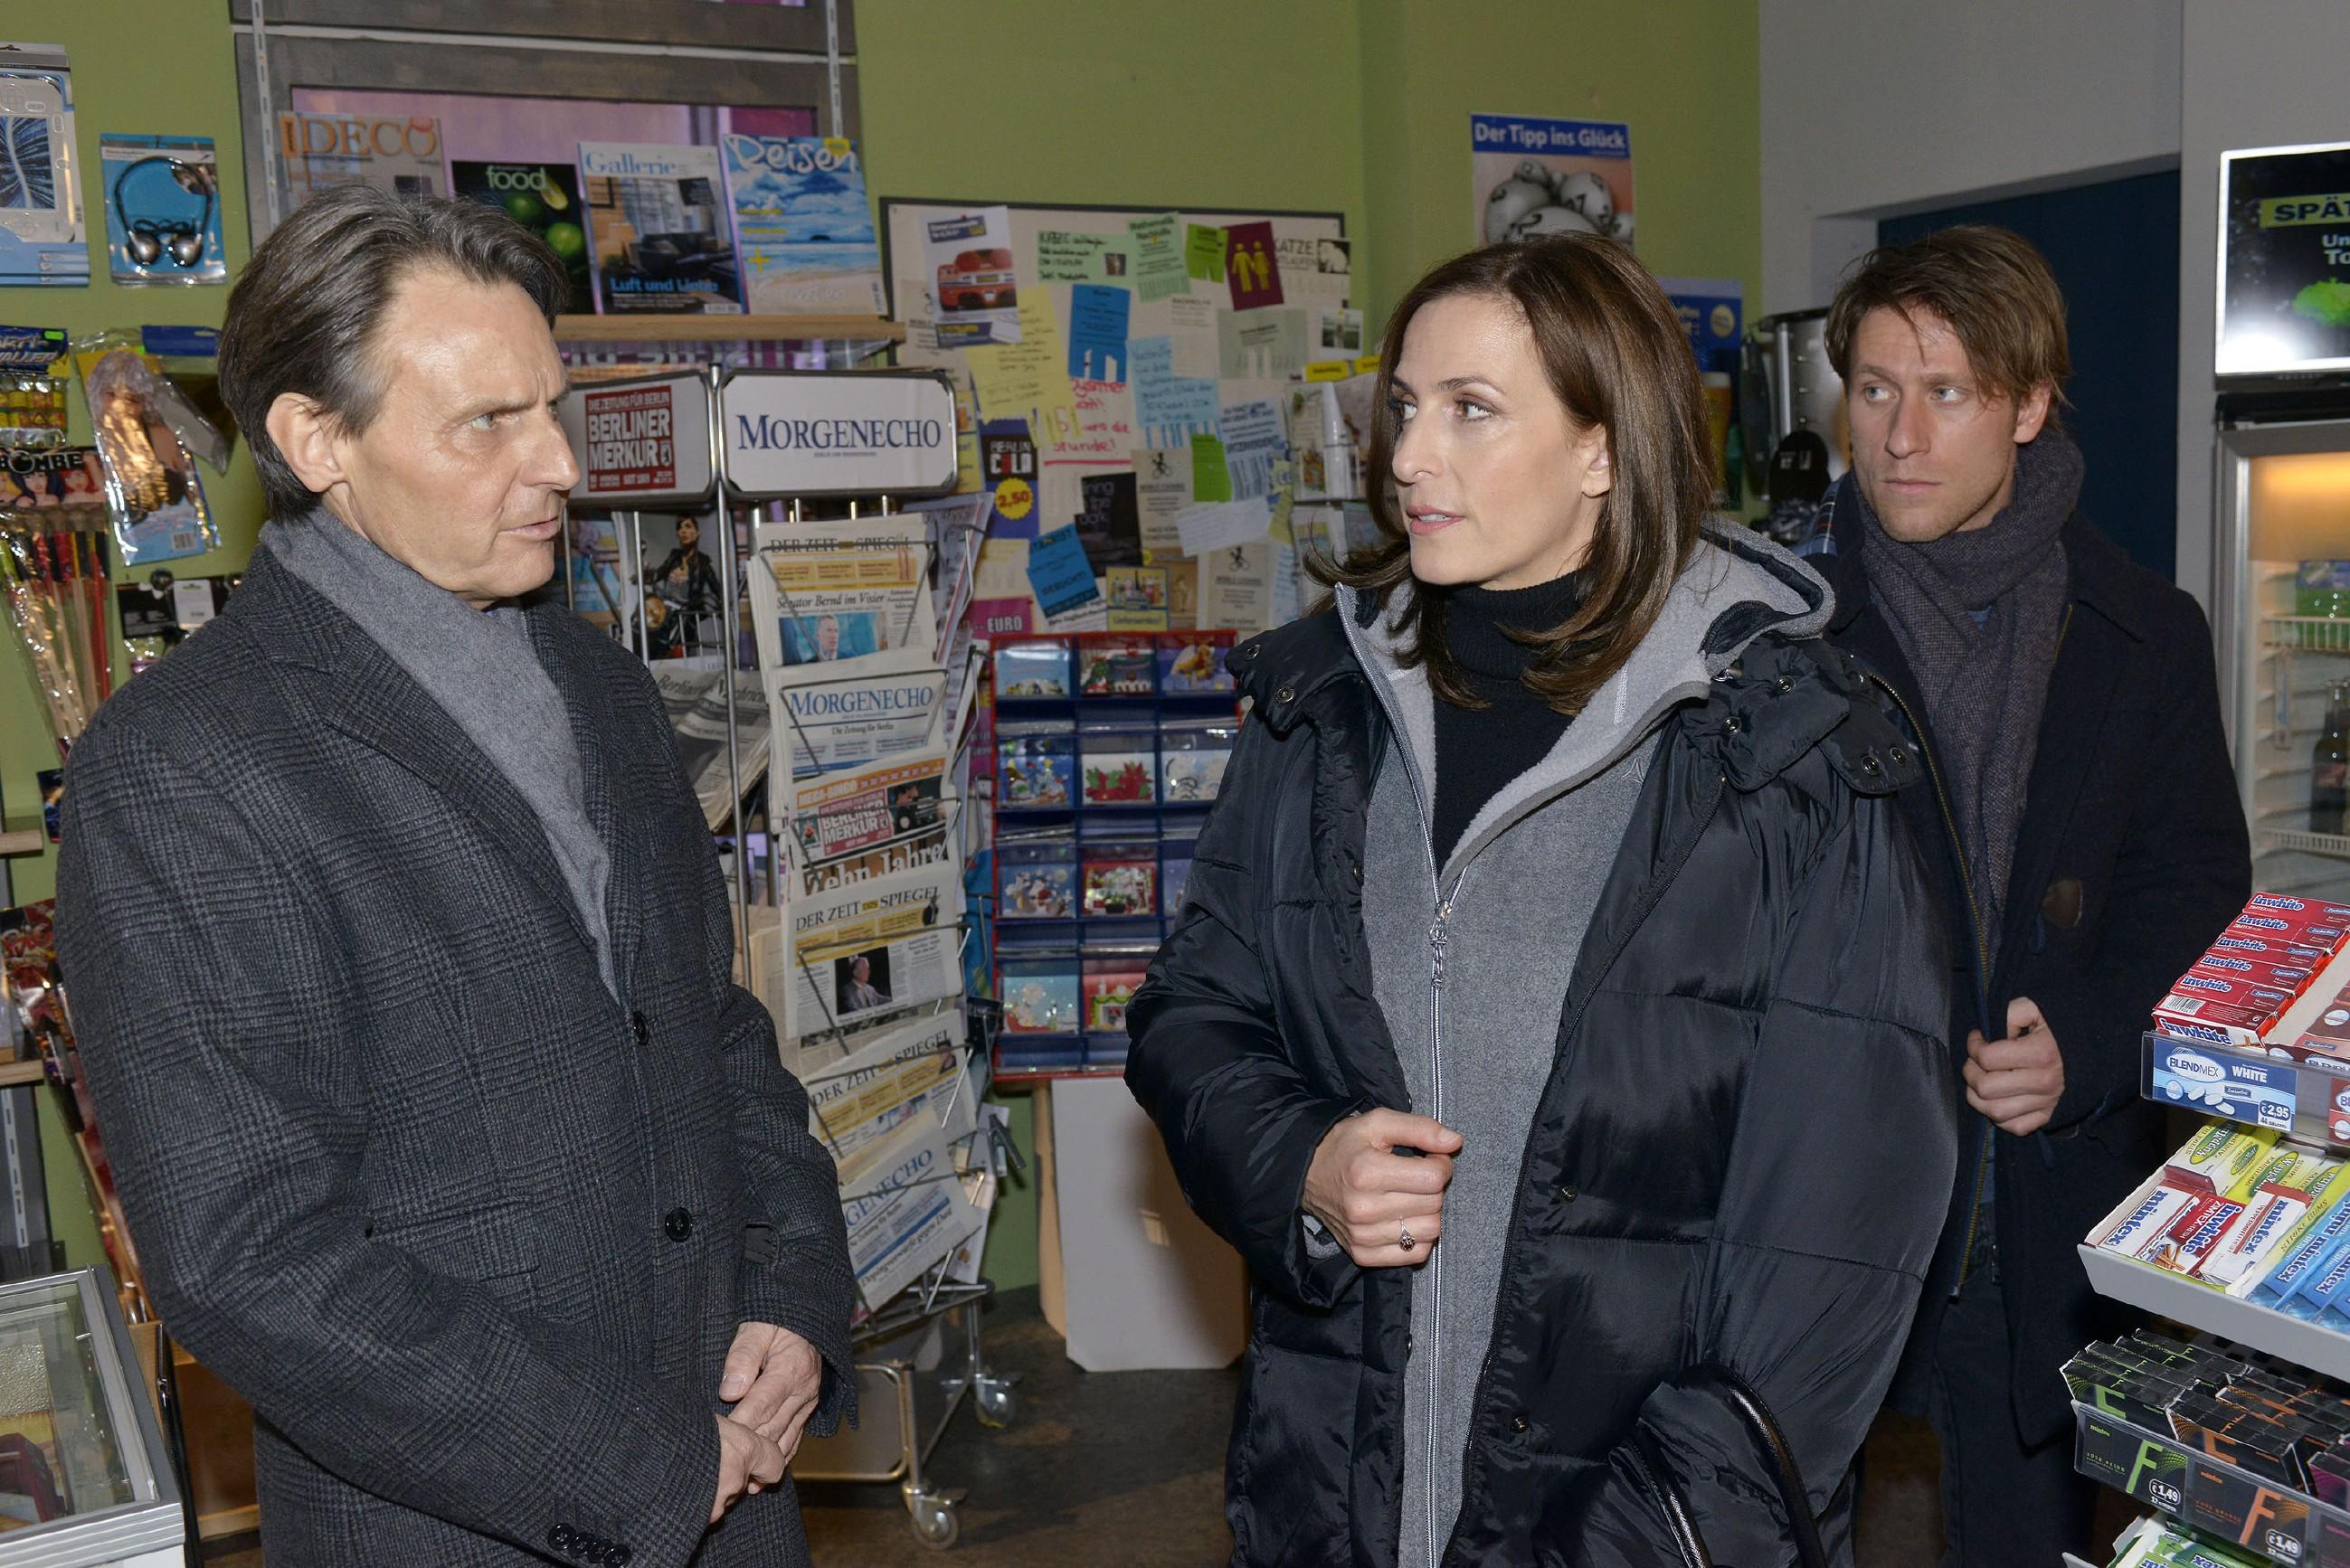 Gerner (Wolfgang Bahro, l.) trifft kurz vor dem Jahreswechsel auf Katrin (Urlike Frank) und Till (Merlin Leonhardt) und geht einen Schritt auf Katrin zu. (Quelle: RTL / Rolf Baumgartner)